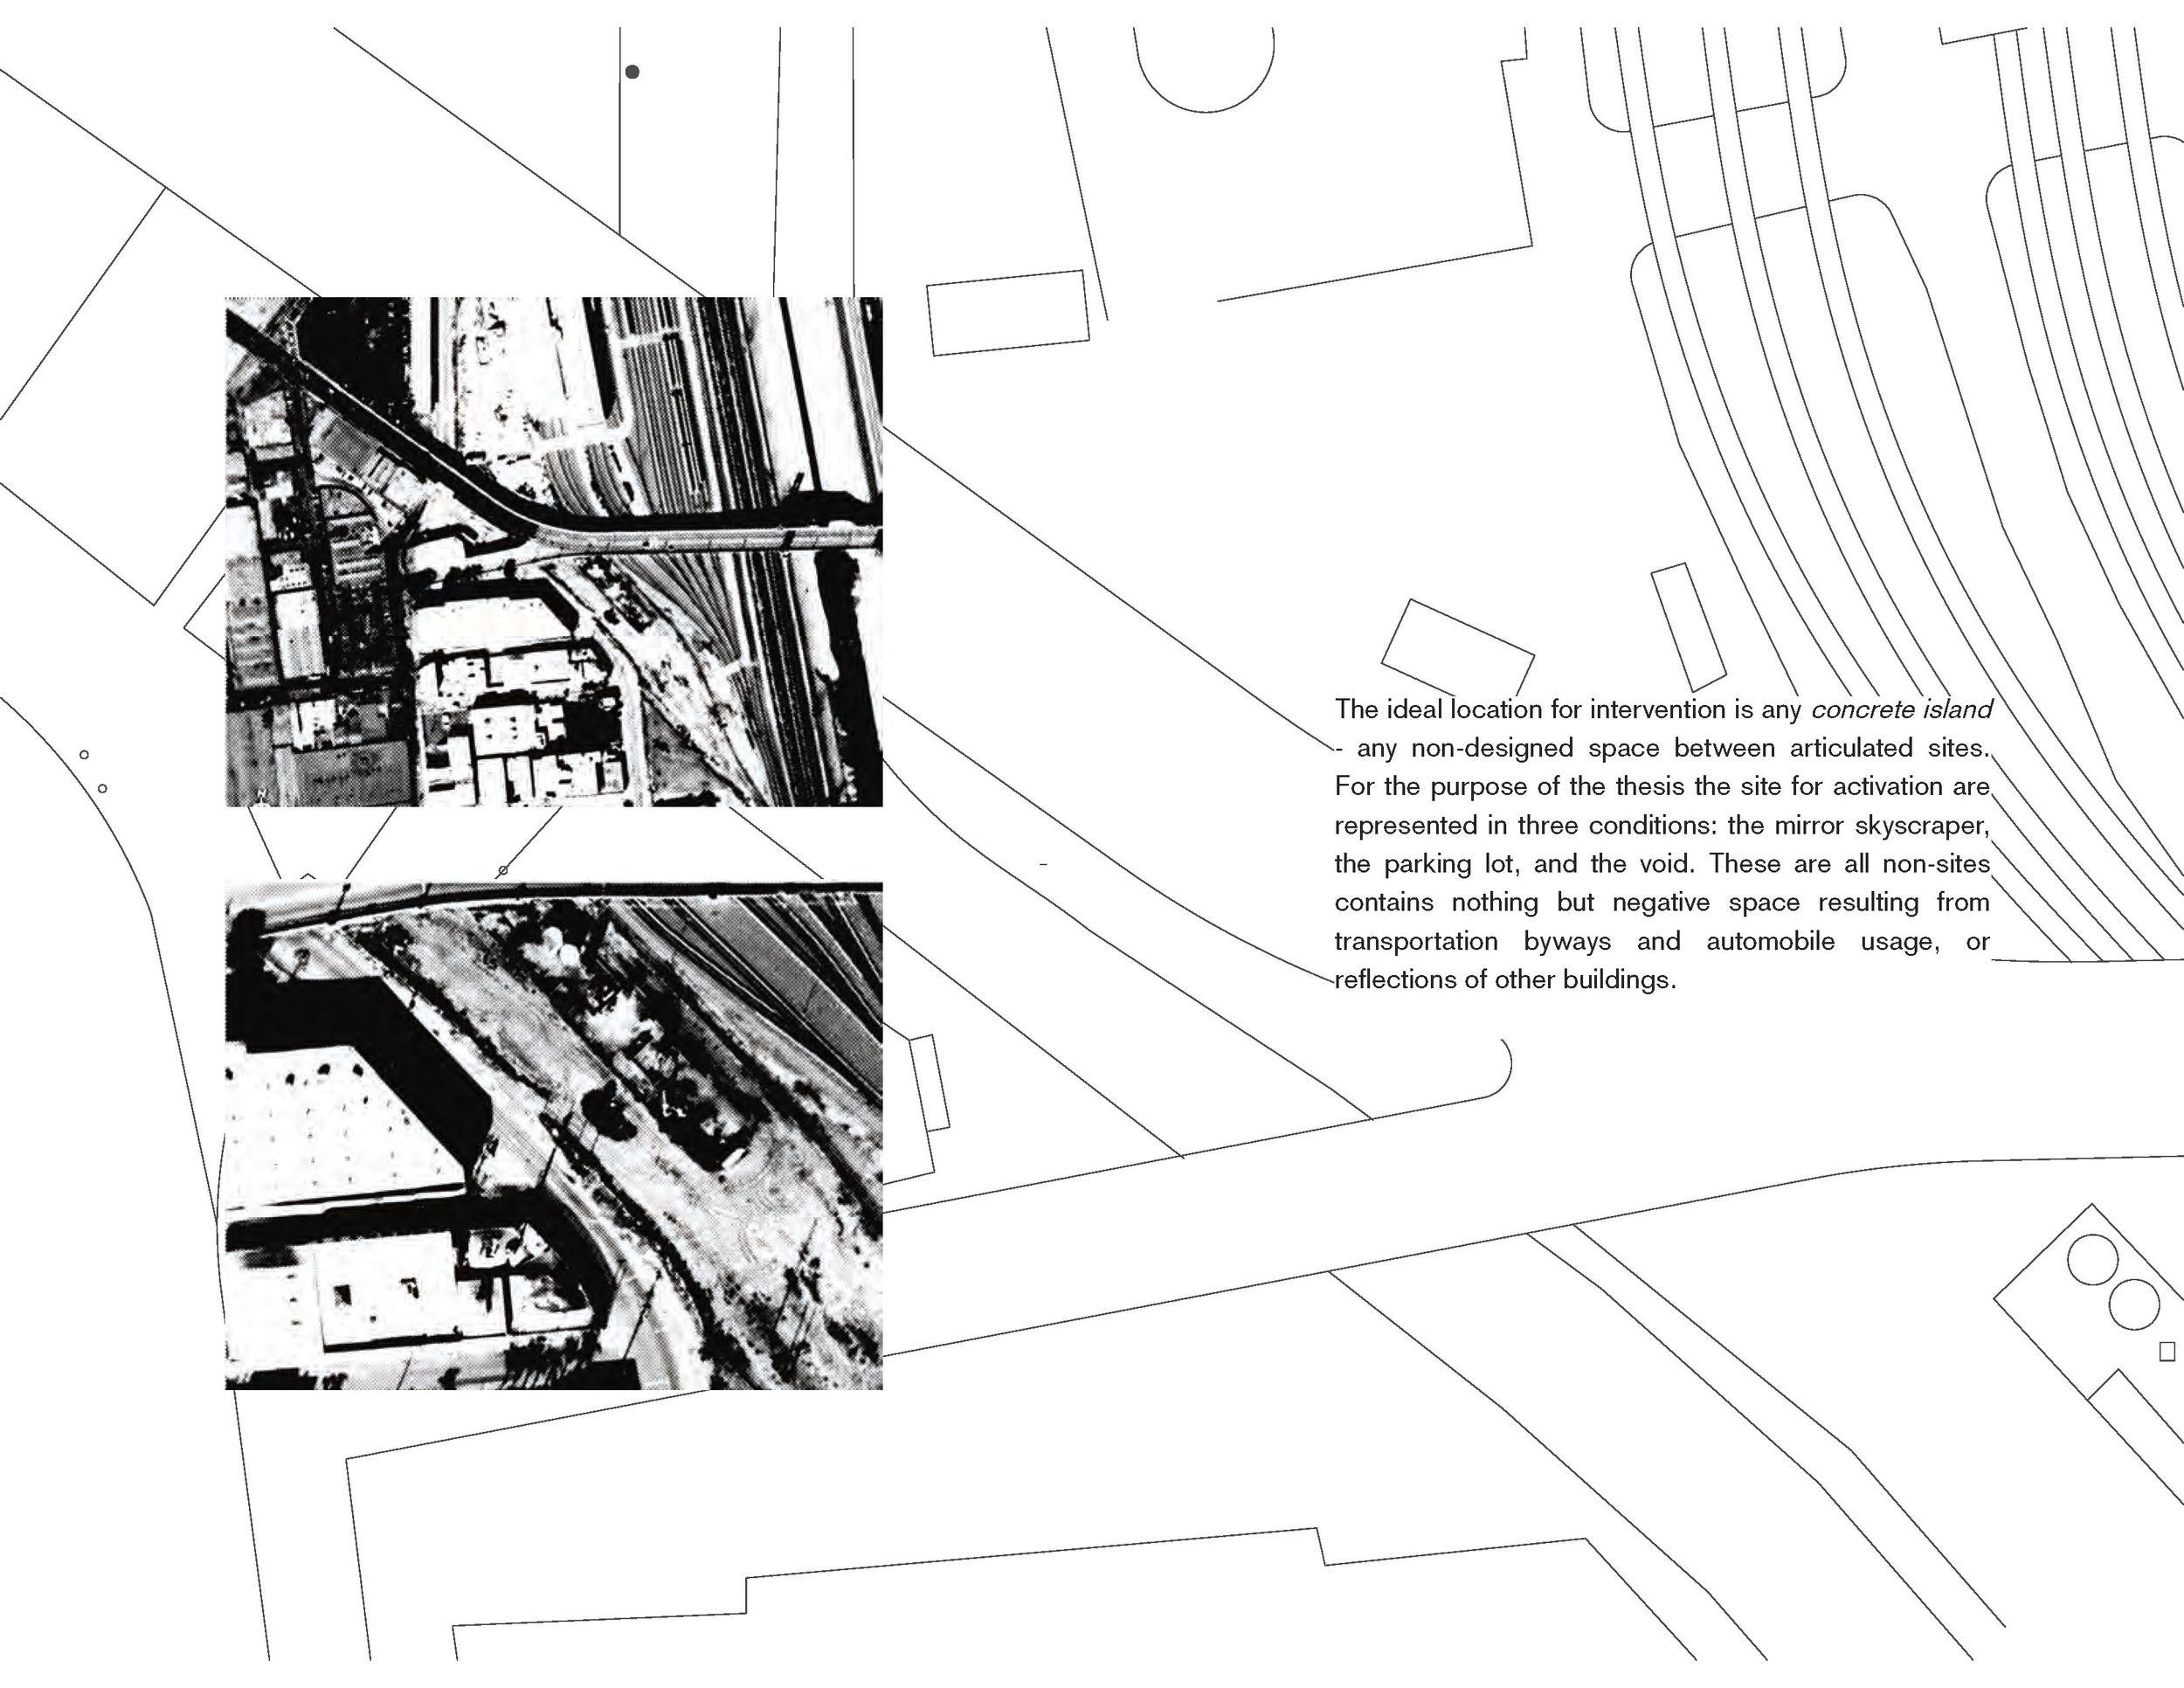 ViolenceUponSpaceMArchBook_Page_22.jpg